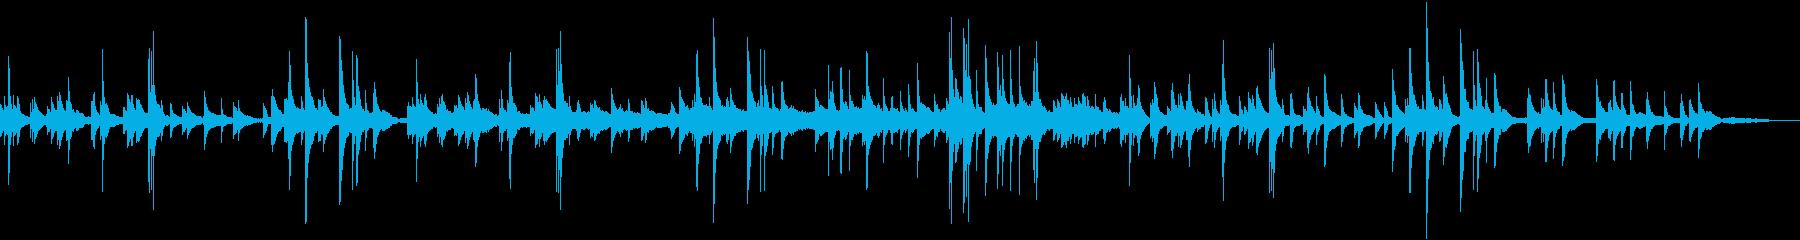 ケルティックハープのゆったりした優しい曲の再生済みの波形